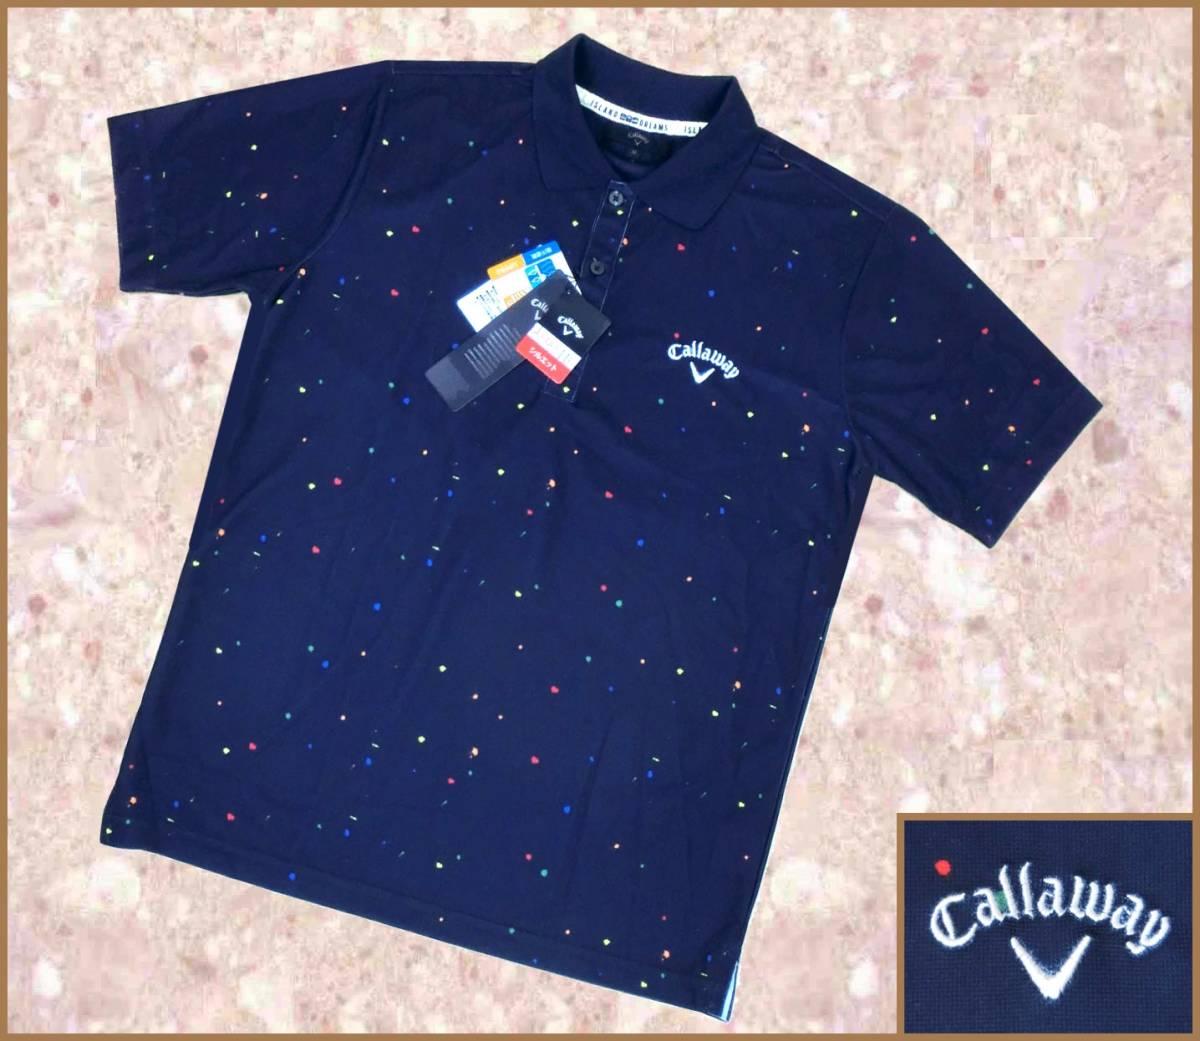 [正規品新品]Callawayキャロウェイアパレルゴルフシャツ■半袖ポロUVカット吸汗速乾■M紺ネイビー定価:10,260円■ISLAND DREAMS